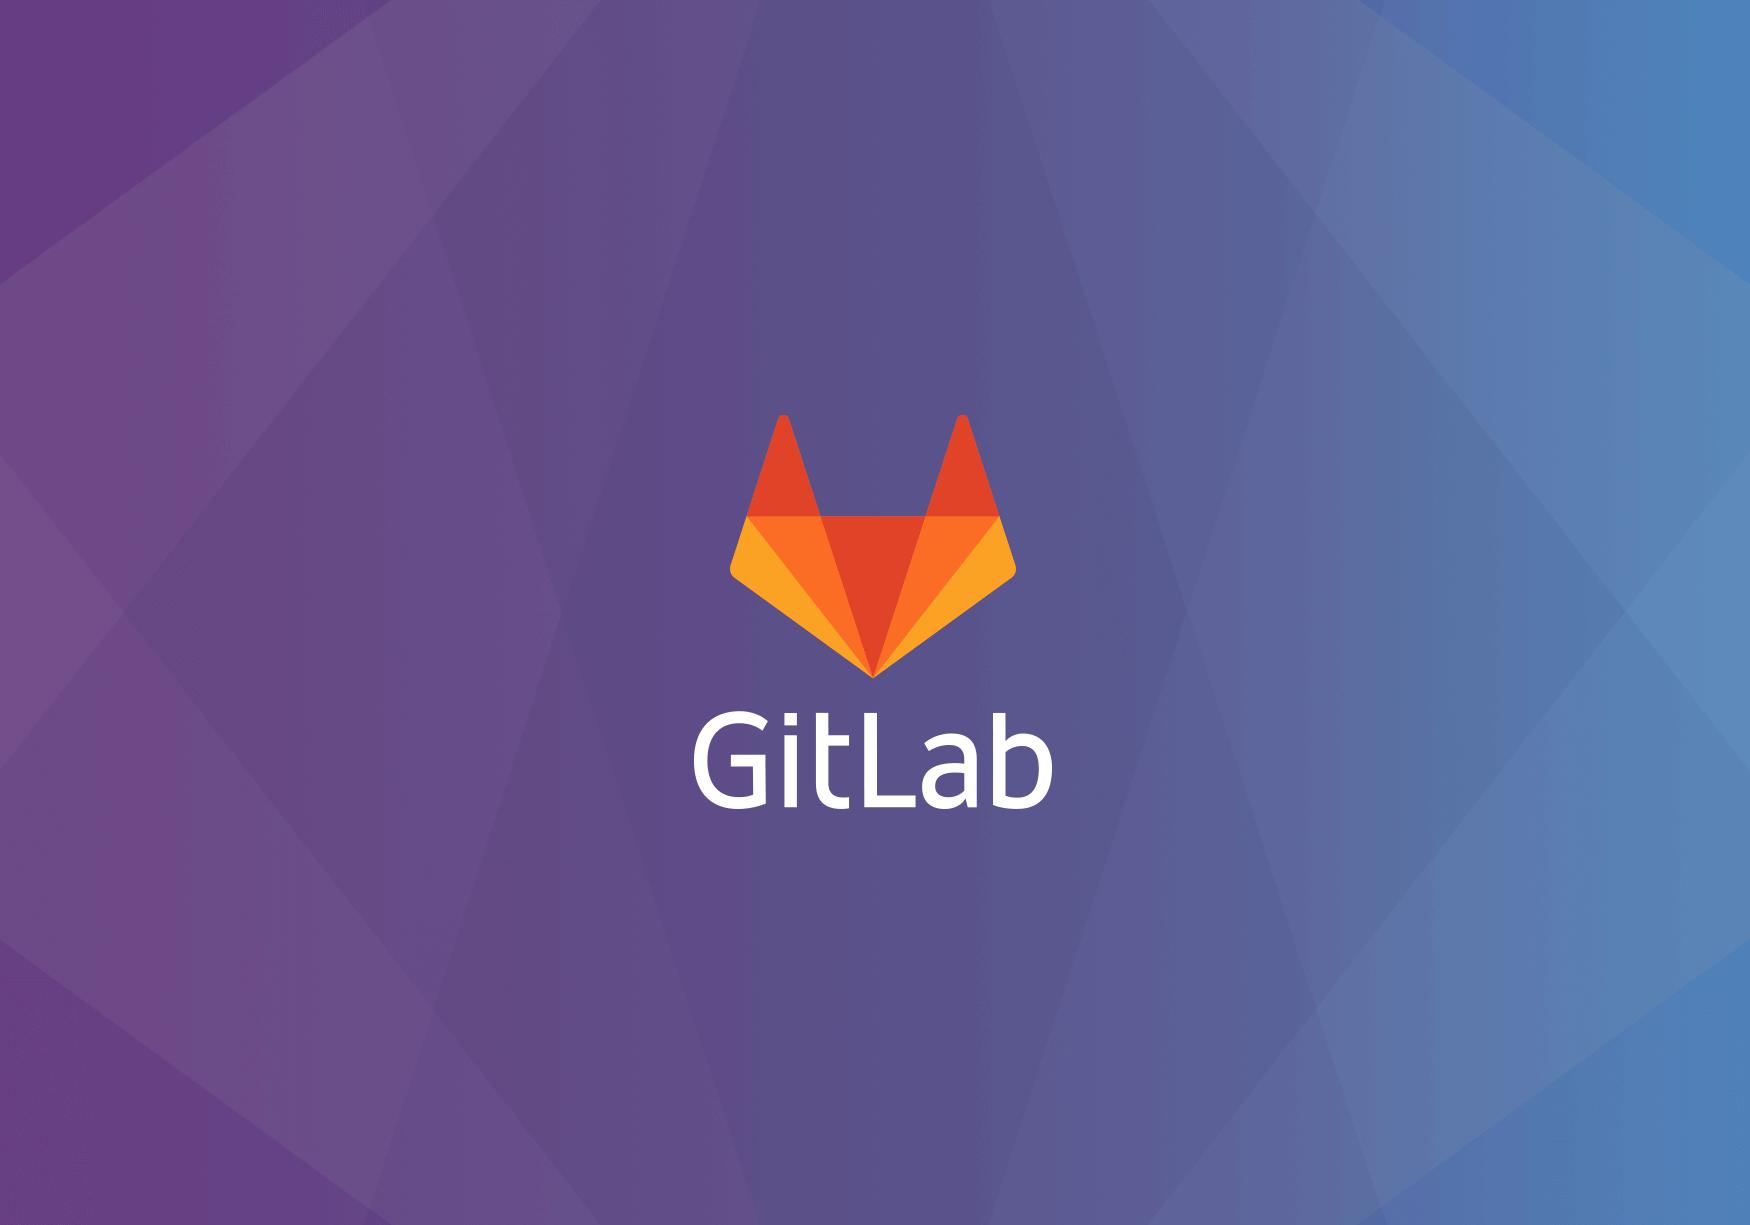 Сервис для разработчиков GitLab привлёк $100 млн при оценке $1,1 млрд